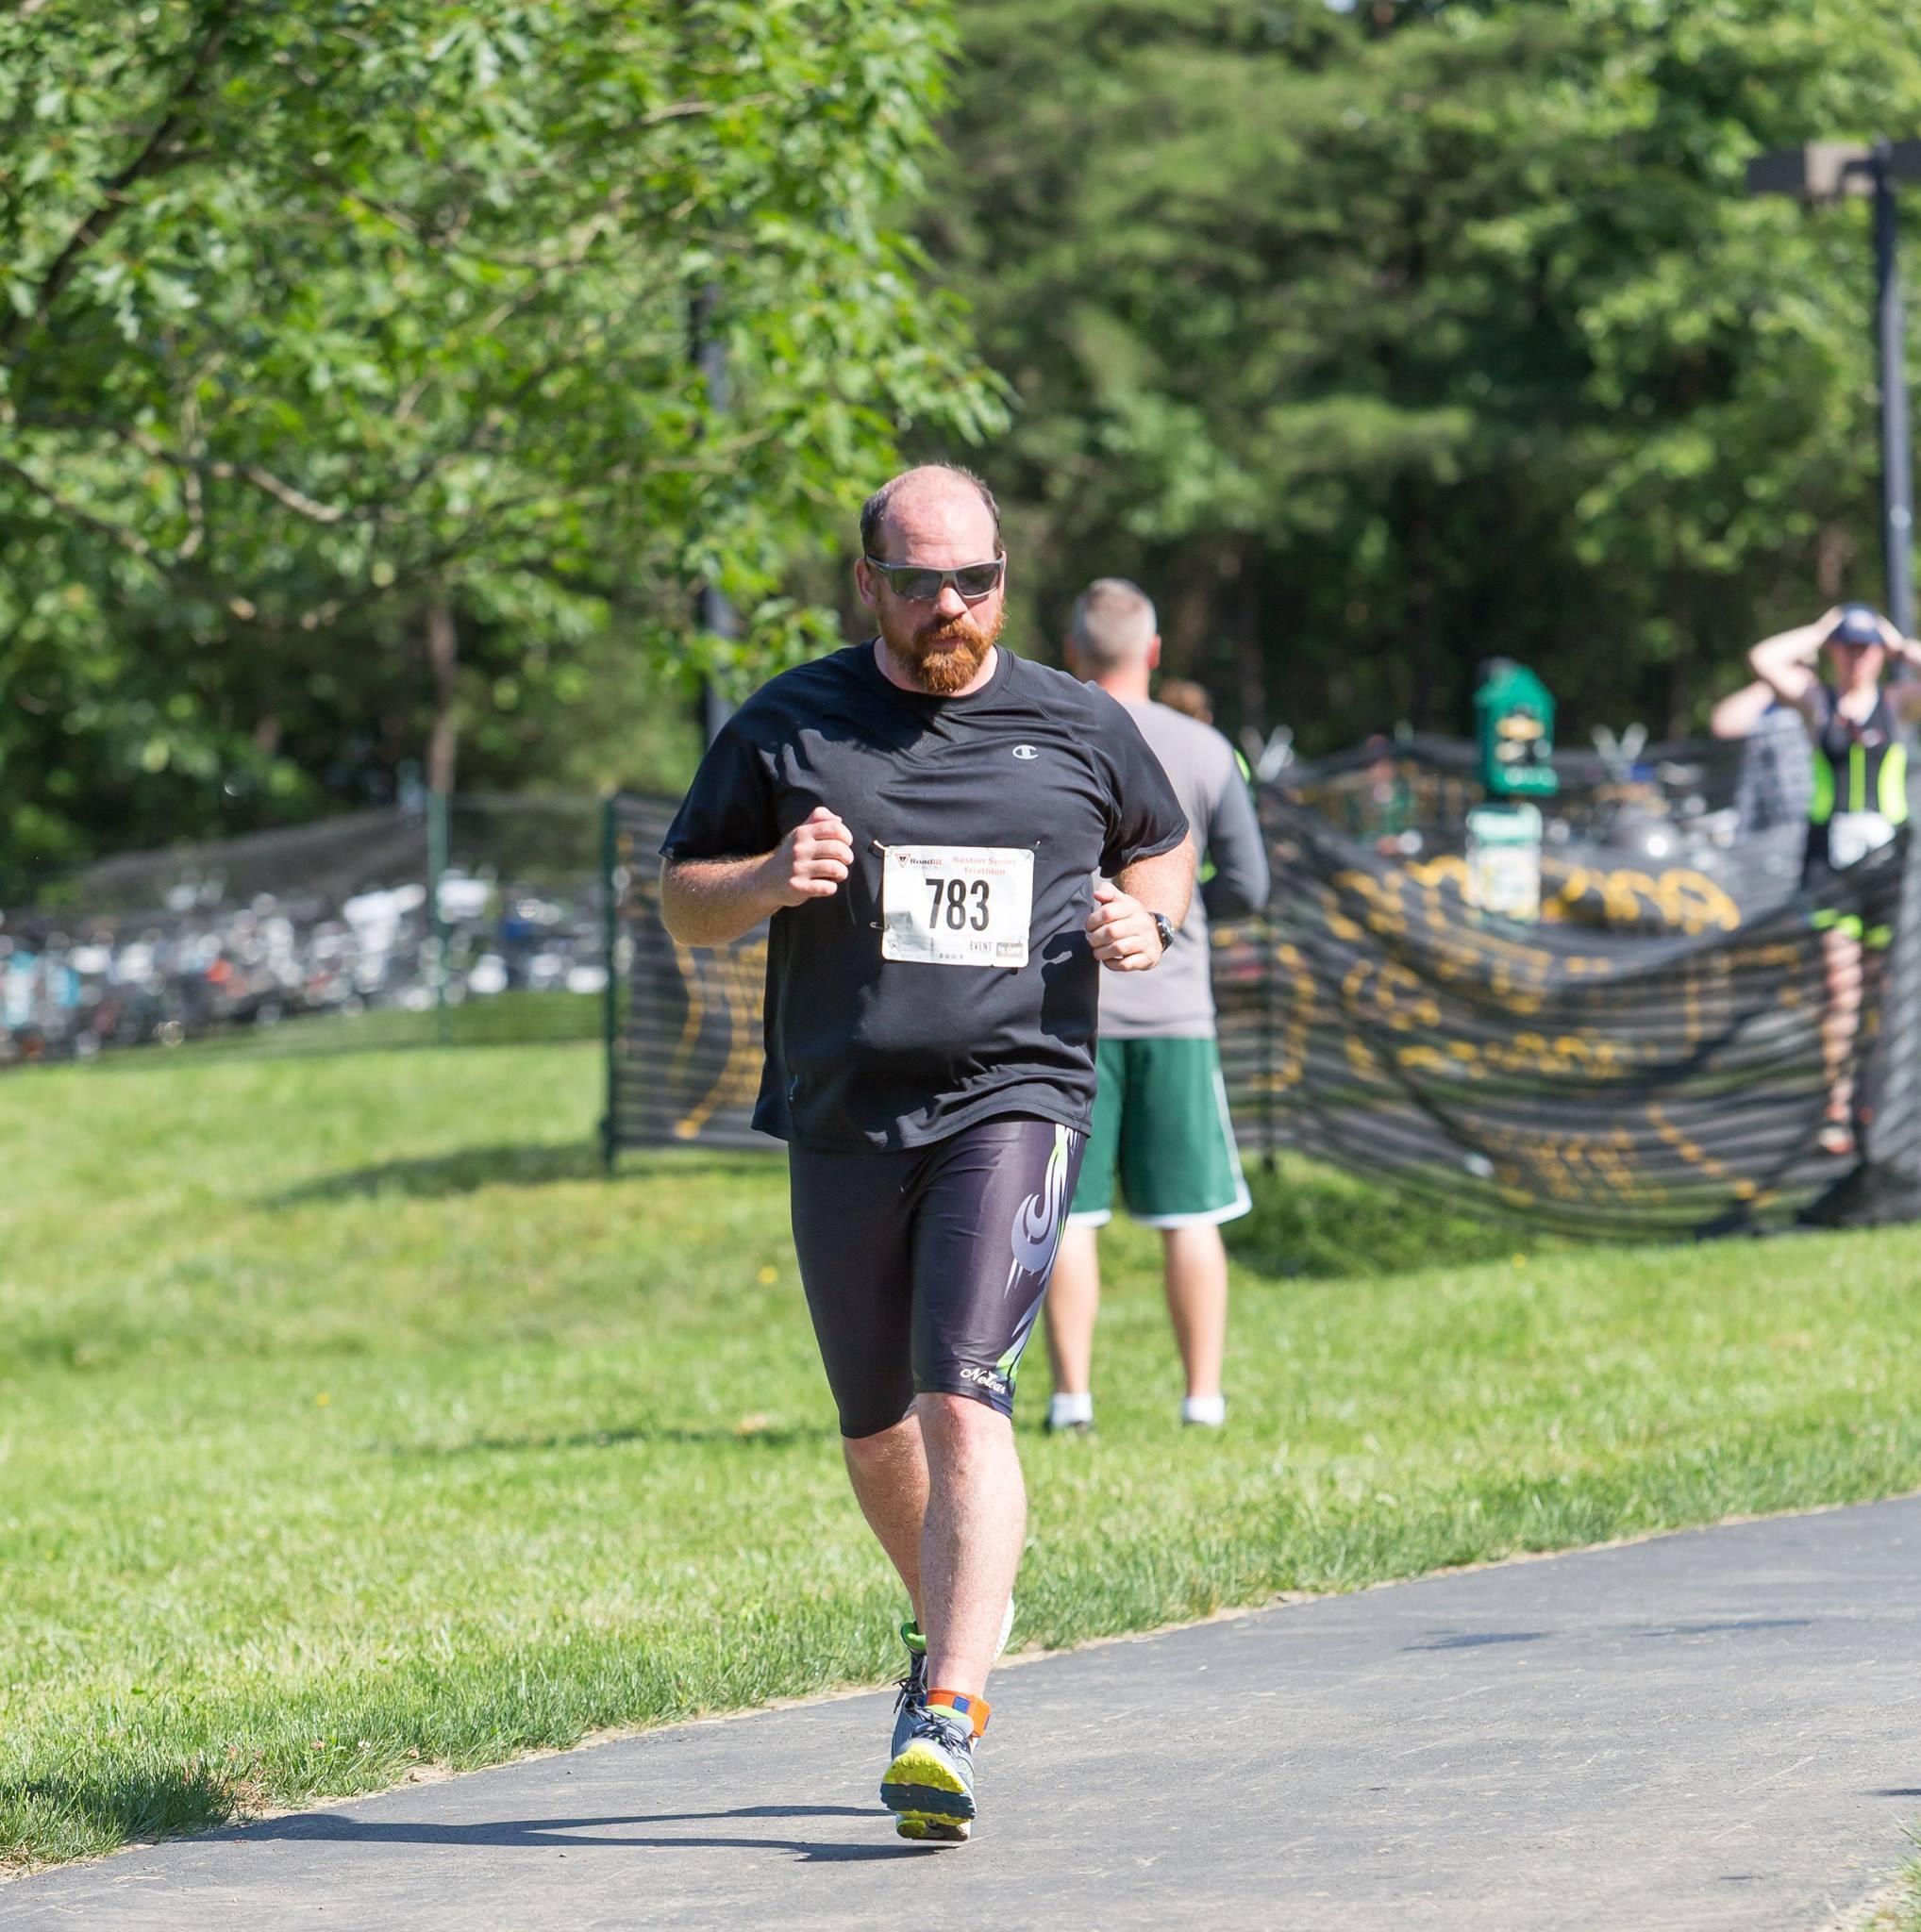 Official run photo